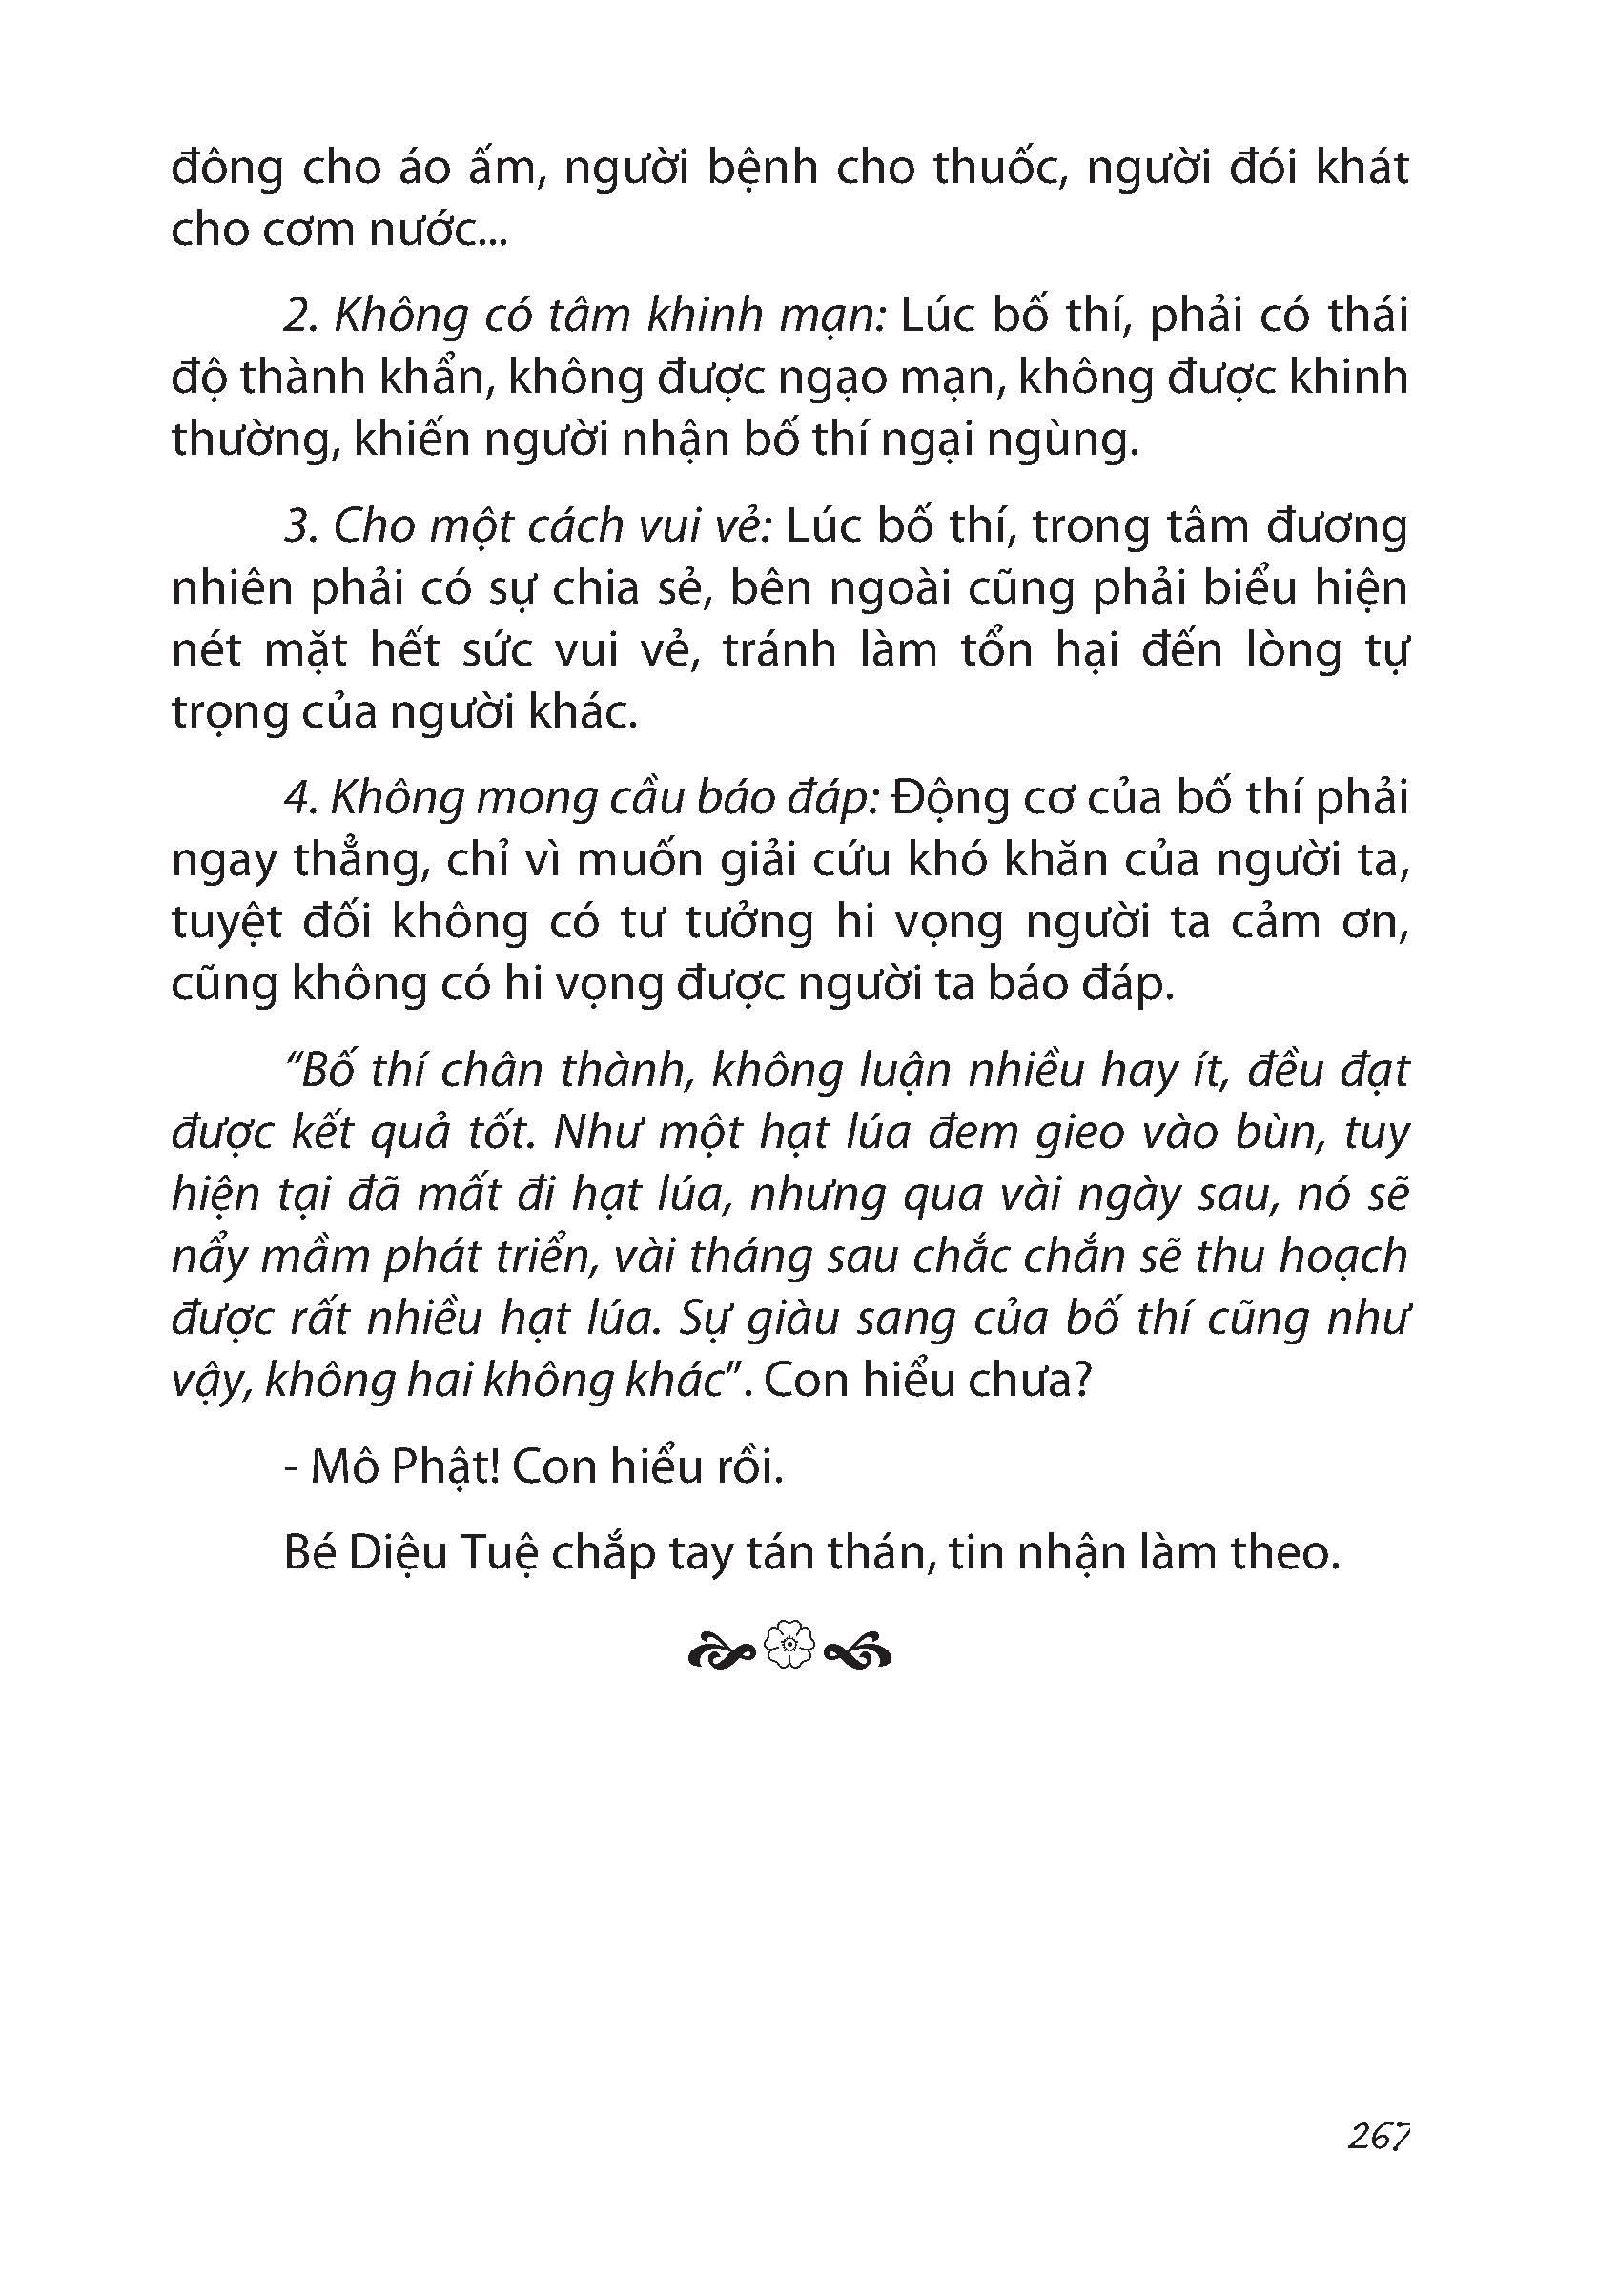 Phật Học Thiếu Nhi